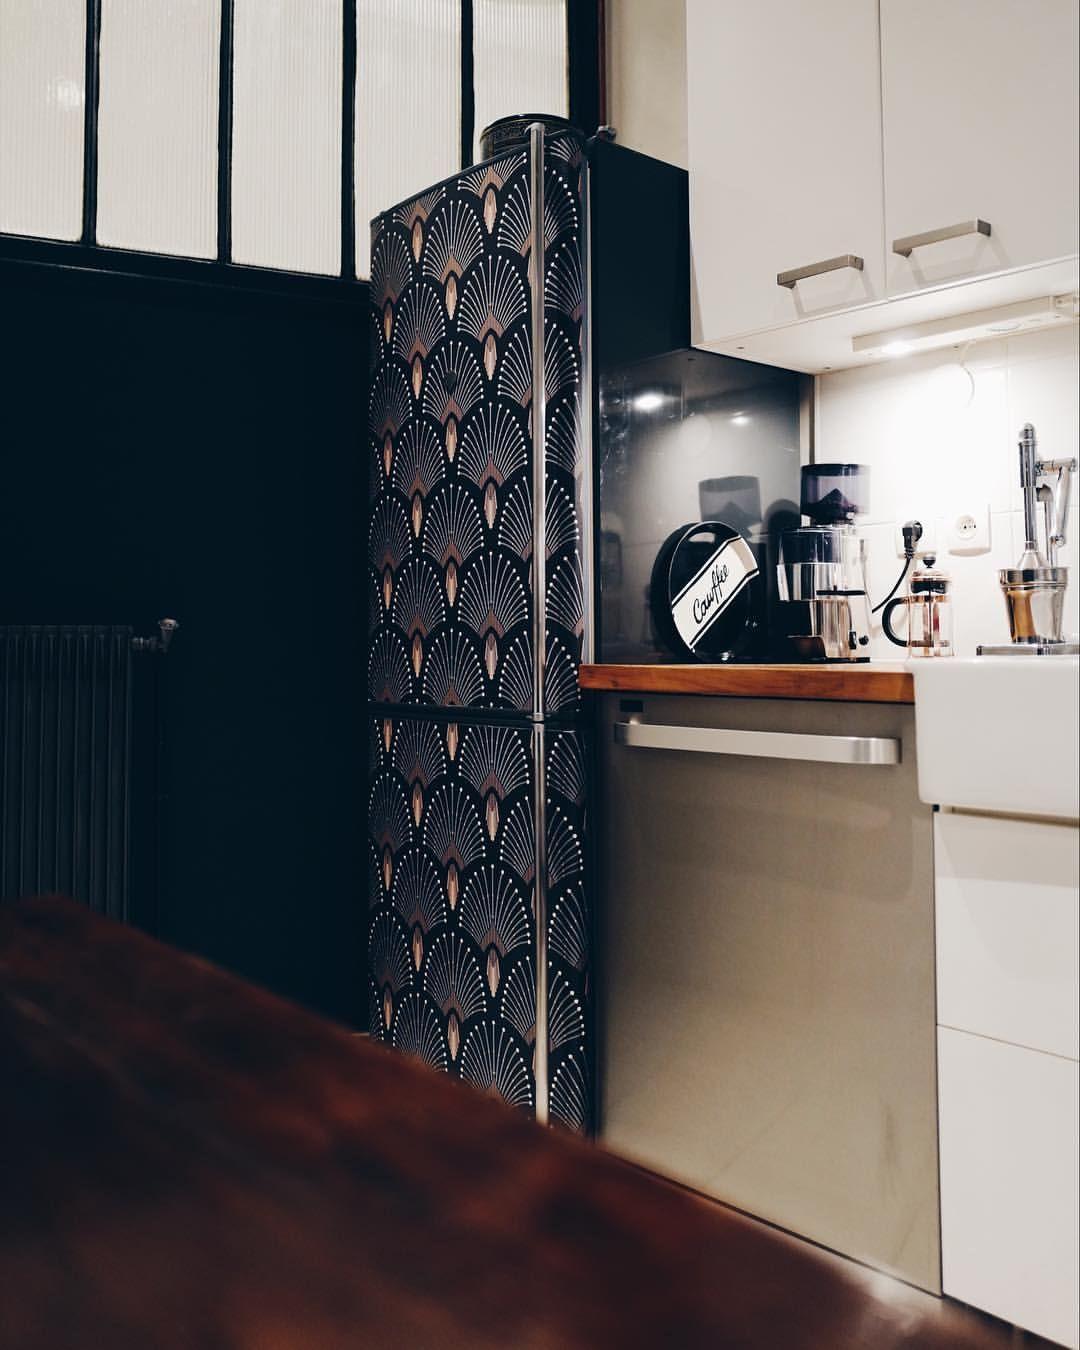 coup de frais relooker son frigo avec du papier peint. Black Bedroom Furniture Sets. Home Design Ideas